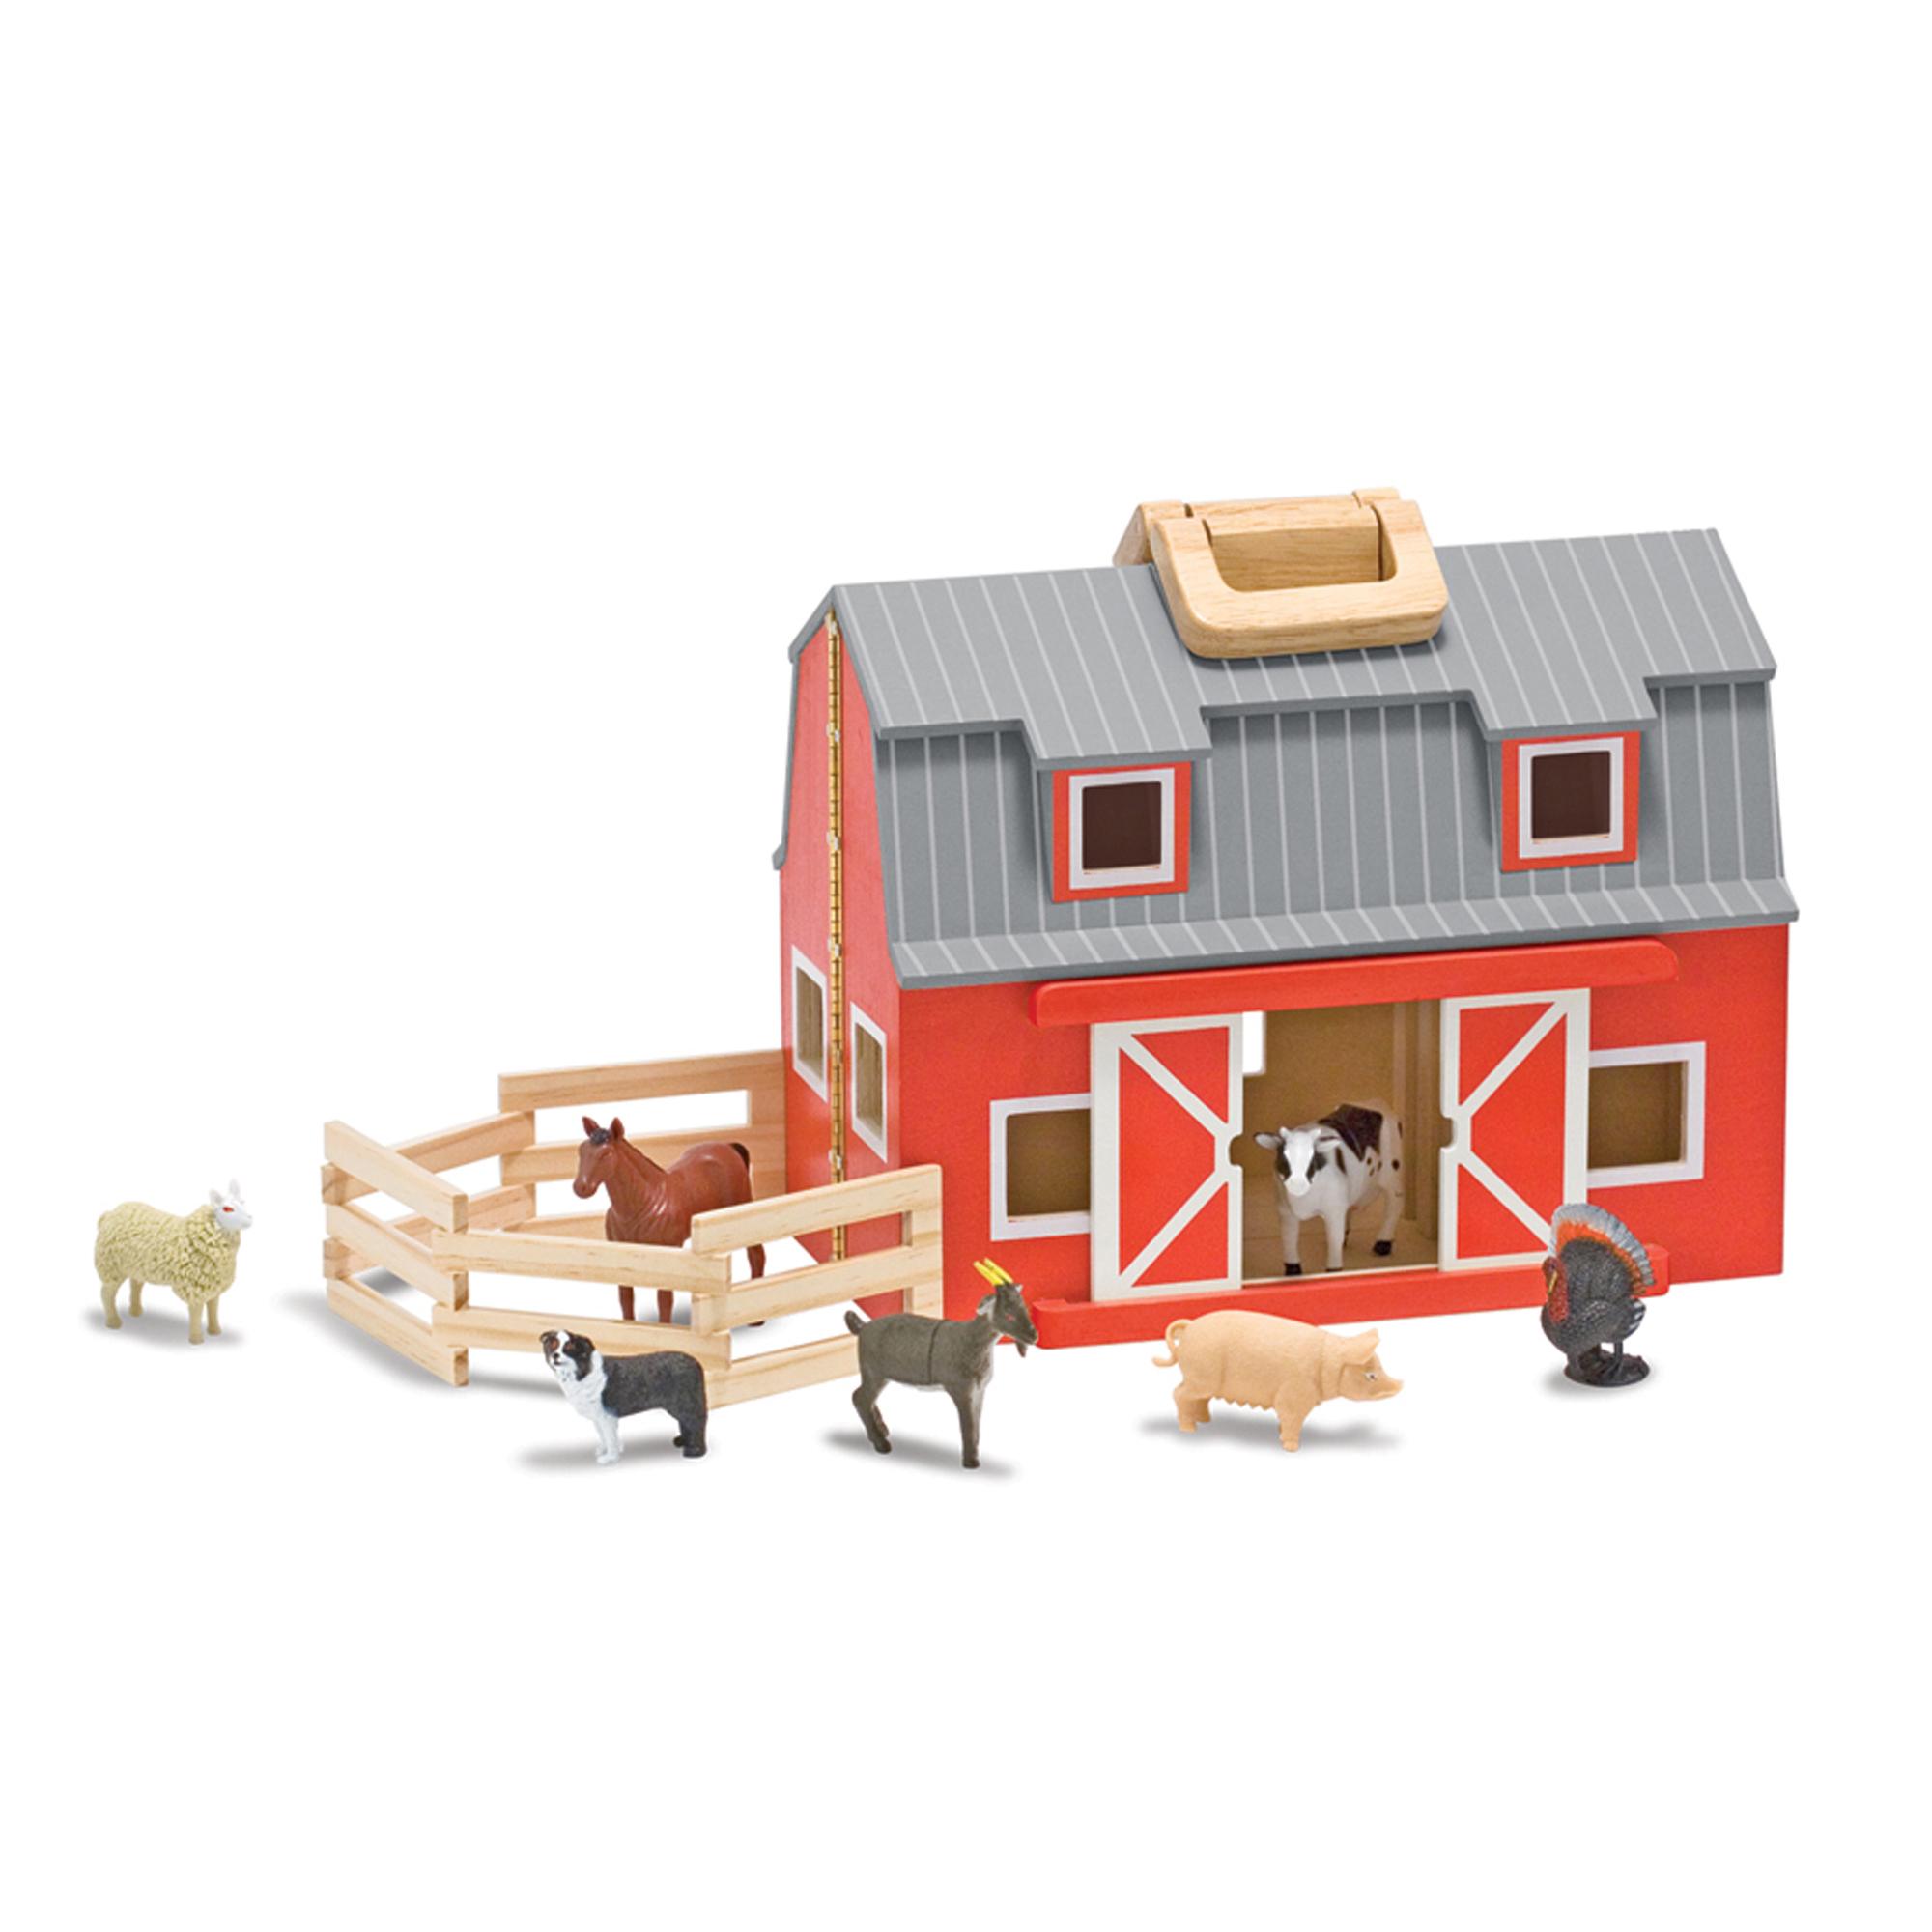 Melissa & Doug - Fold and go Barn (13700)